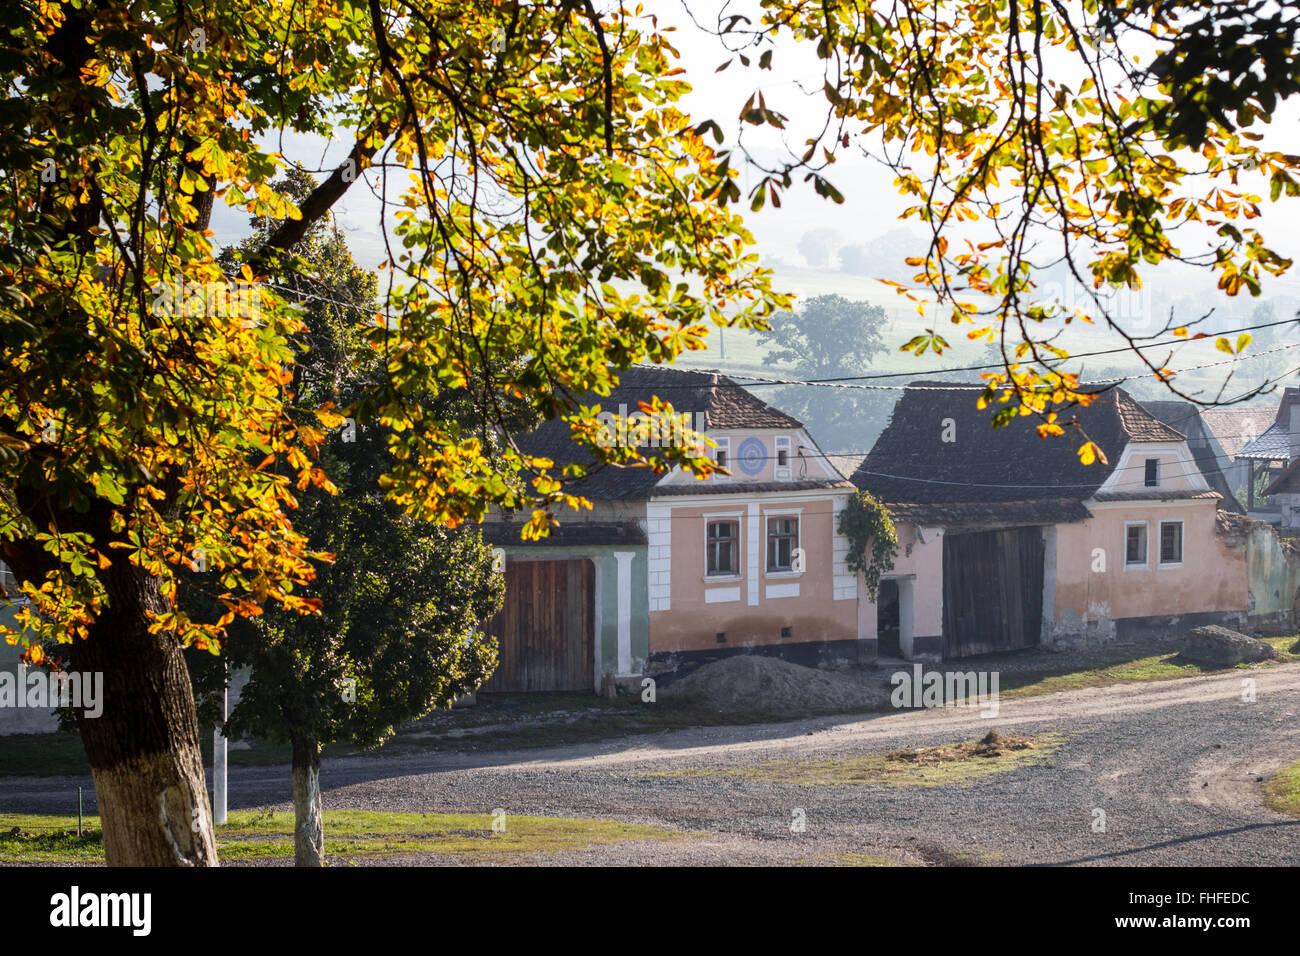 Traditional saxon village houses from crit transylvania romania stock photo royalty free - Saxon style houses in transylvania ...